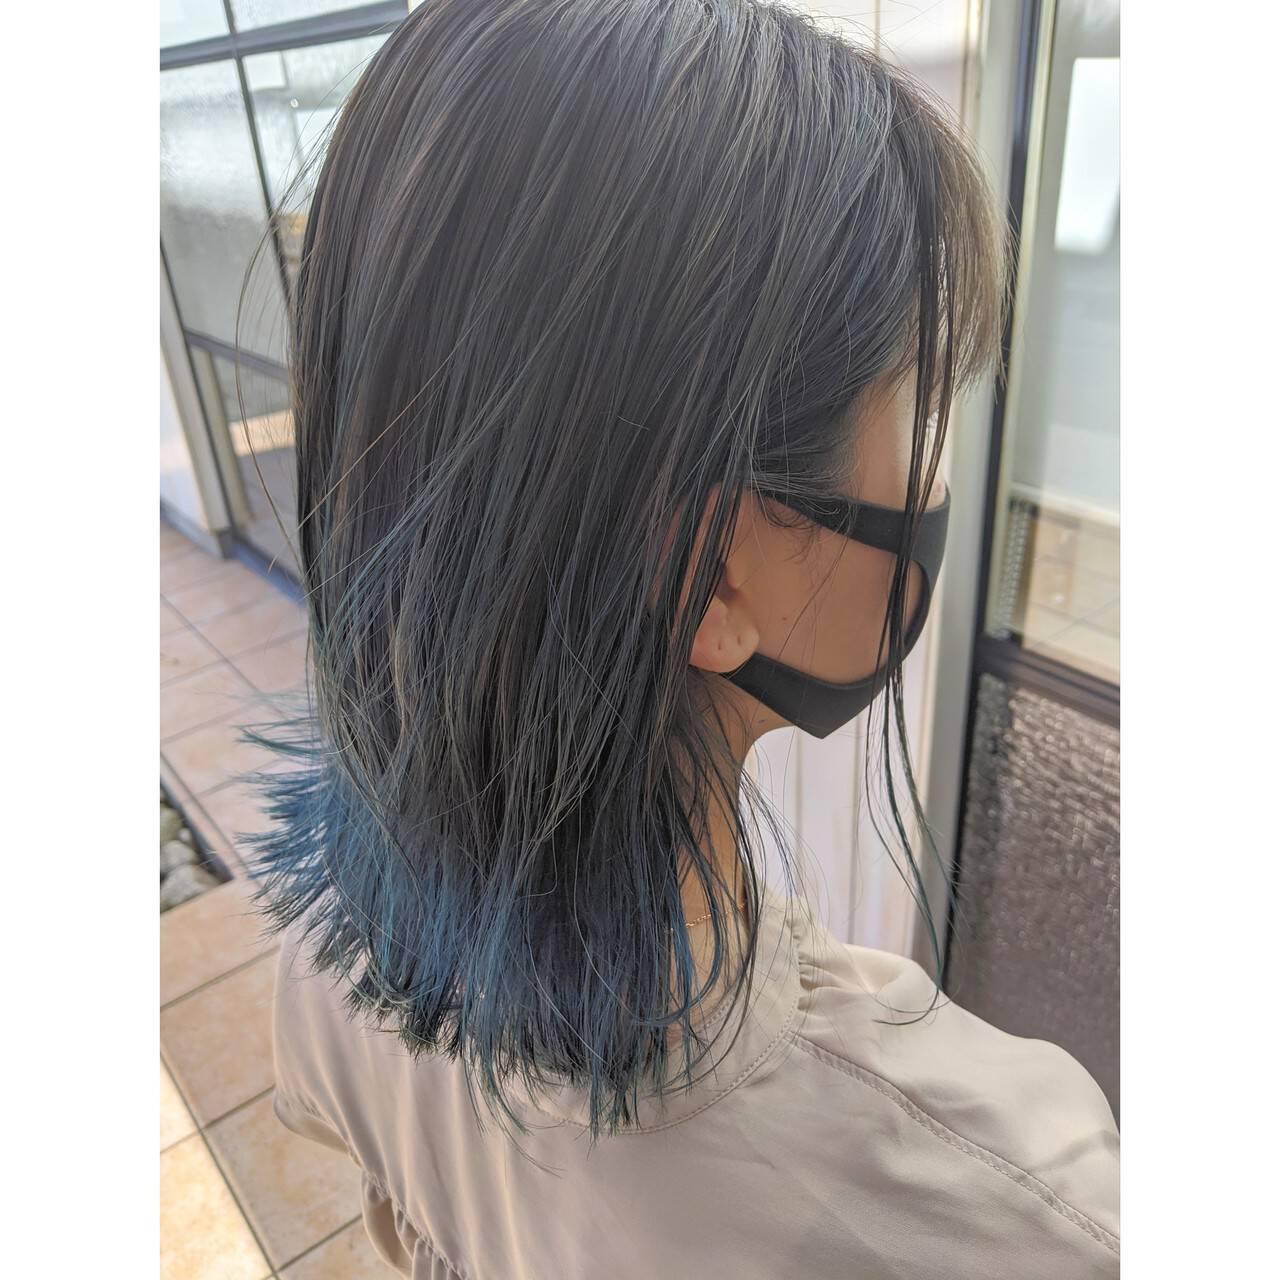 ブルー モード ボブ ネイビーブルーヘアスタイルや髪型の写真・画像